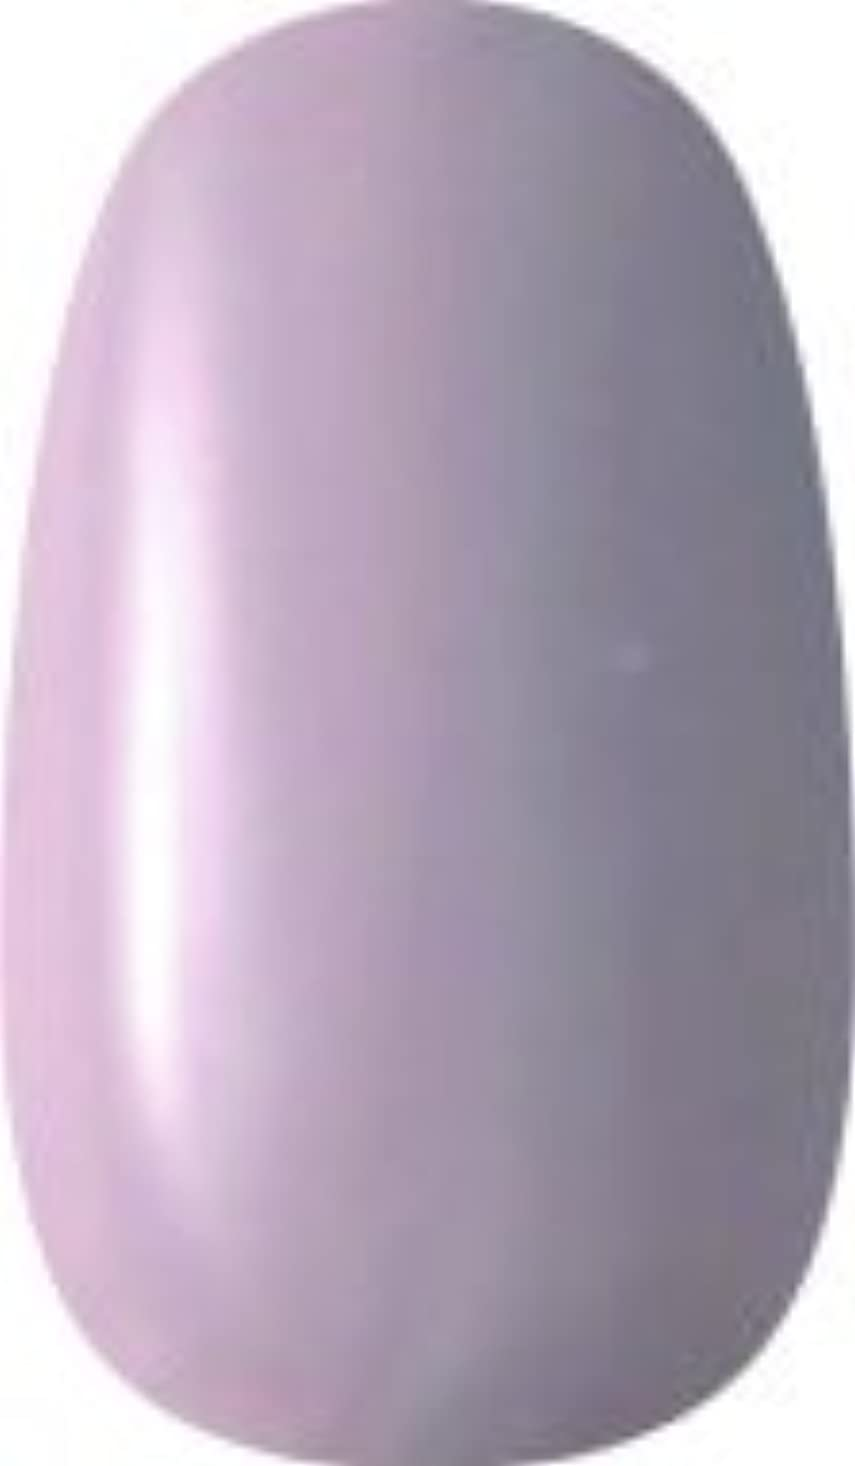 逃す深くわずらわしいラク カラージェル(52-シナモン)8g 今話題のラクジェル 素早く仕上カラージェル 抜群の発色とツヤ 国産ポリッシュタイプ オールインワン ワンステップジェルネイル RAKU COLOR GEL #52